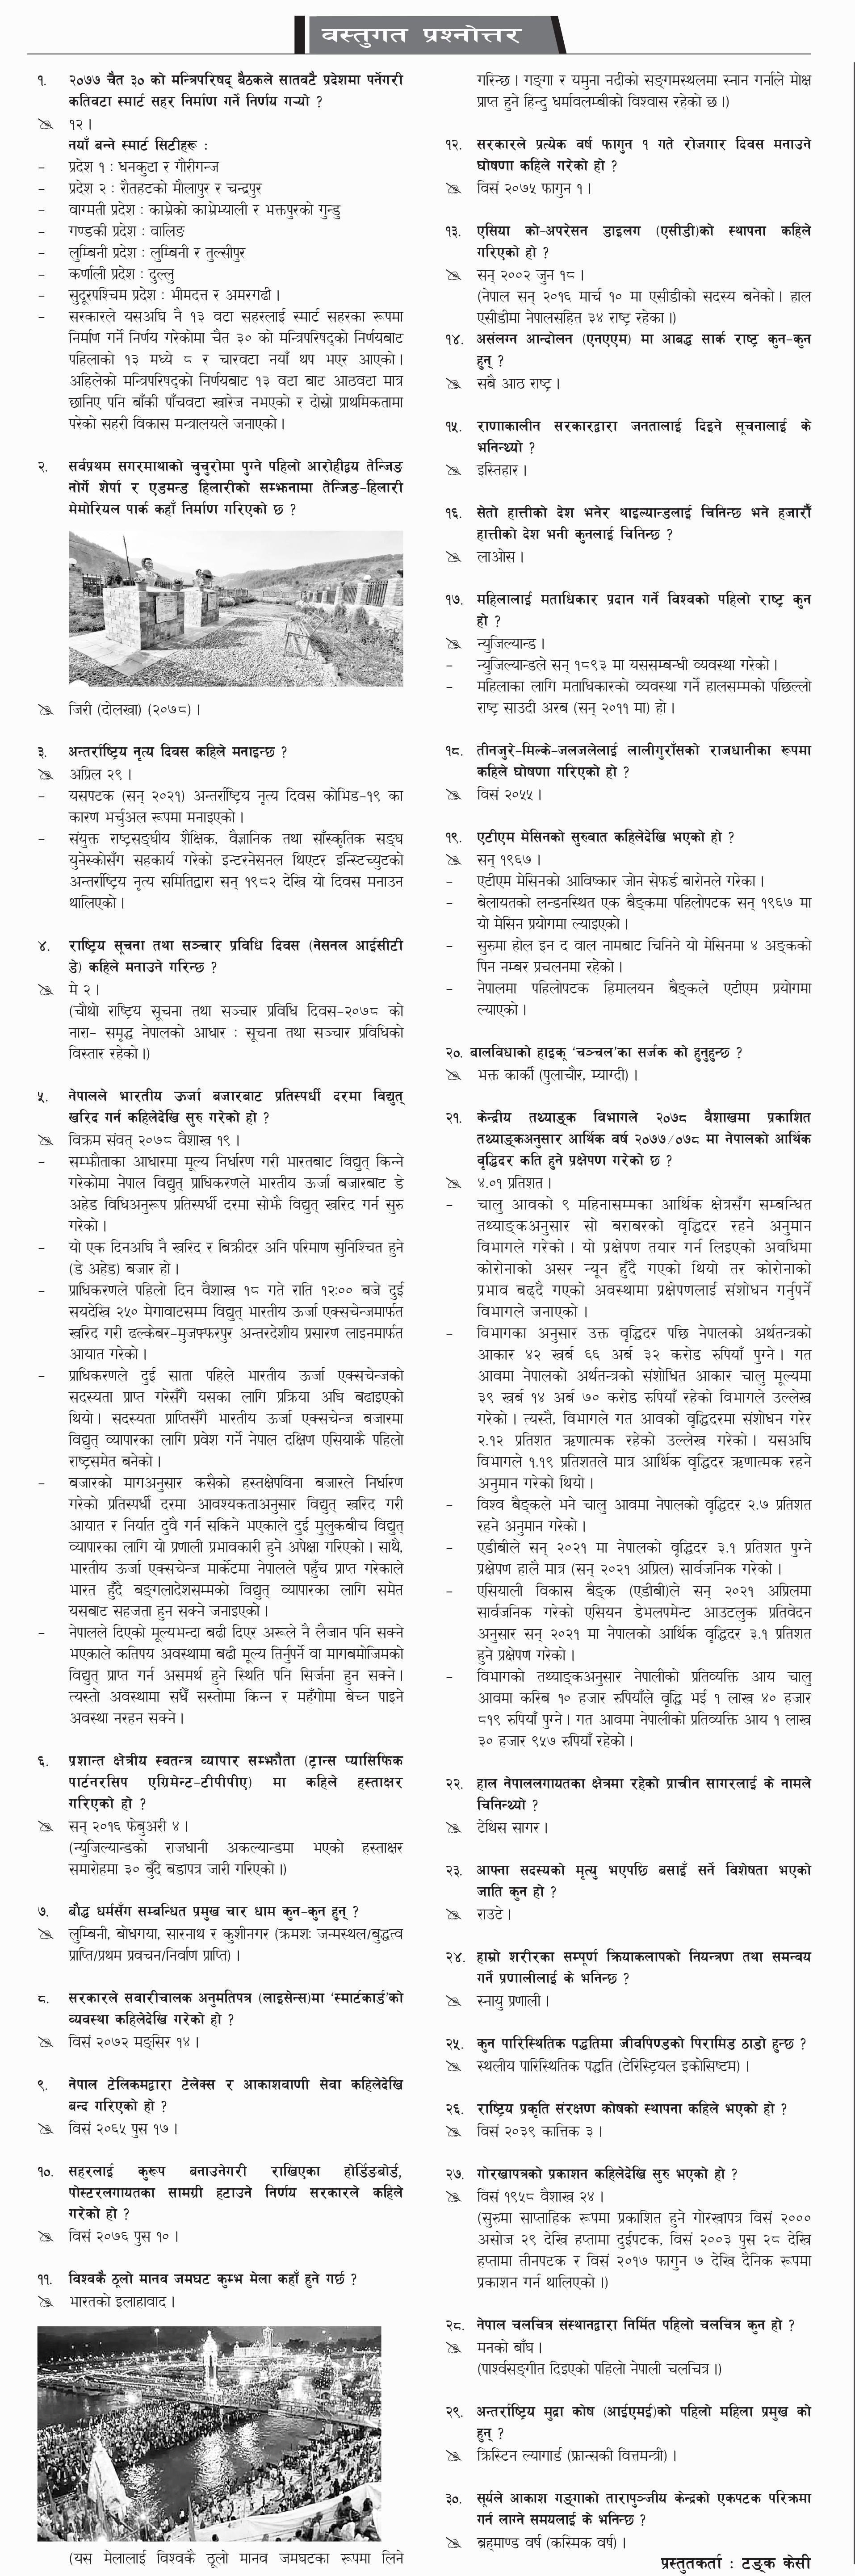 [गोरखापत्र बस्तुगत ] २०७८ बैशाख २९